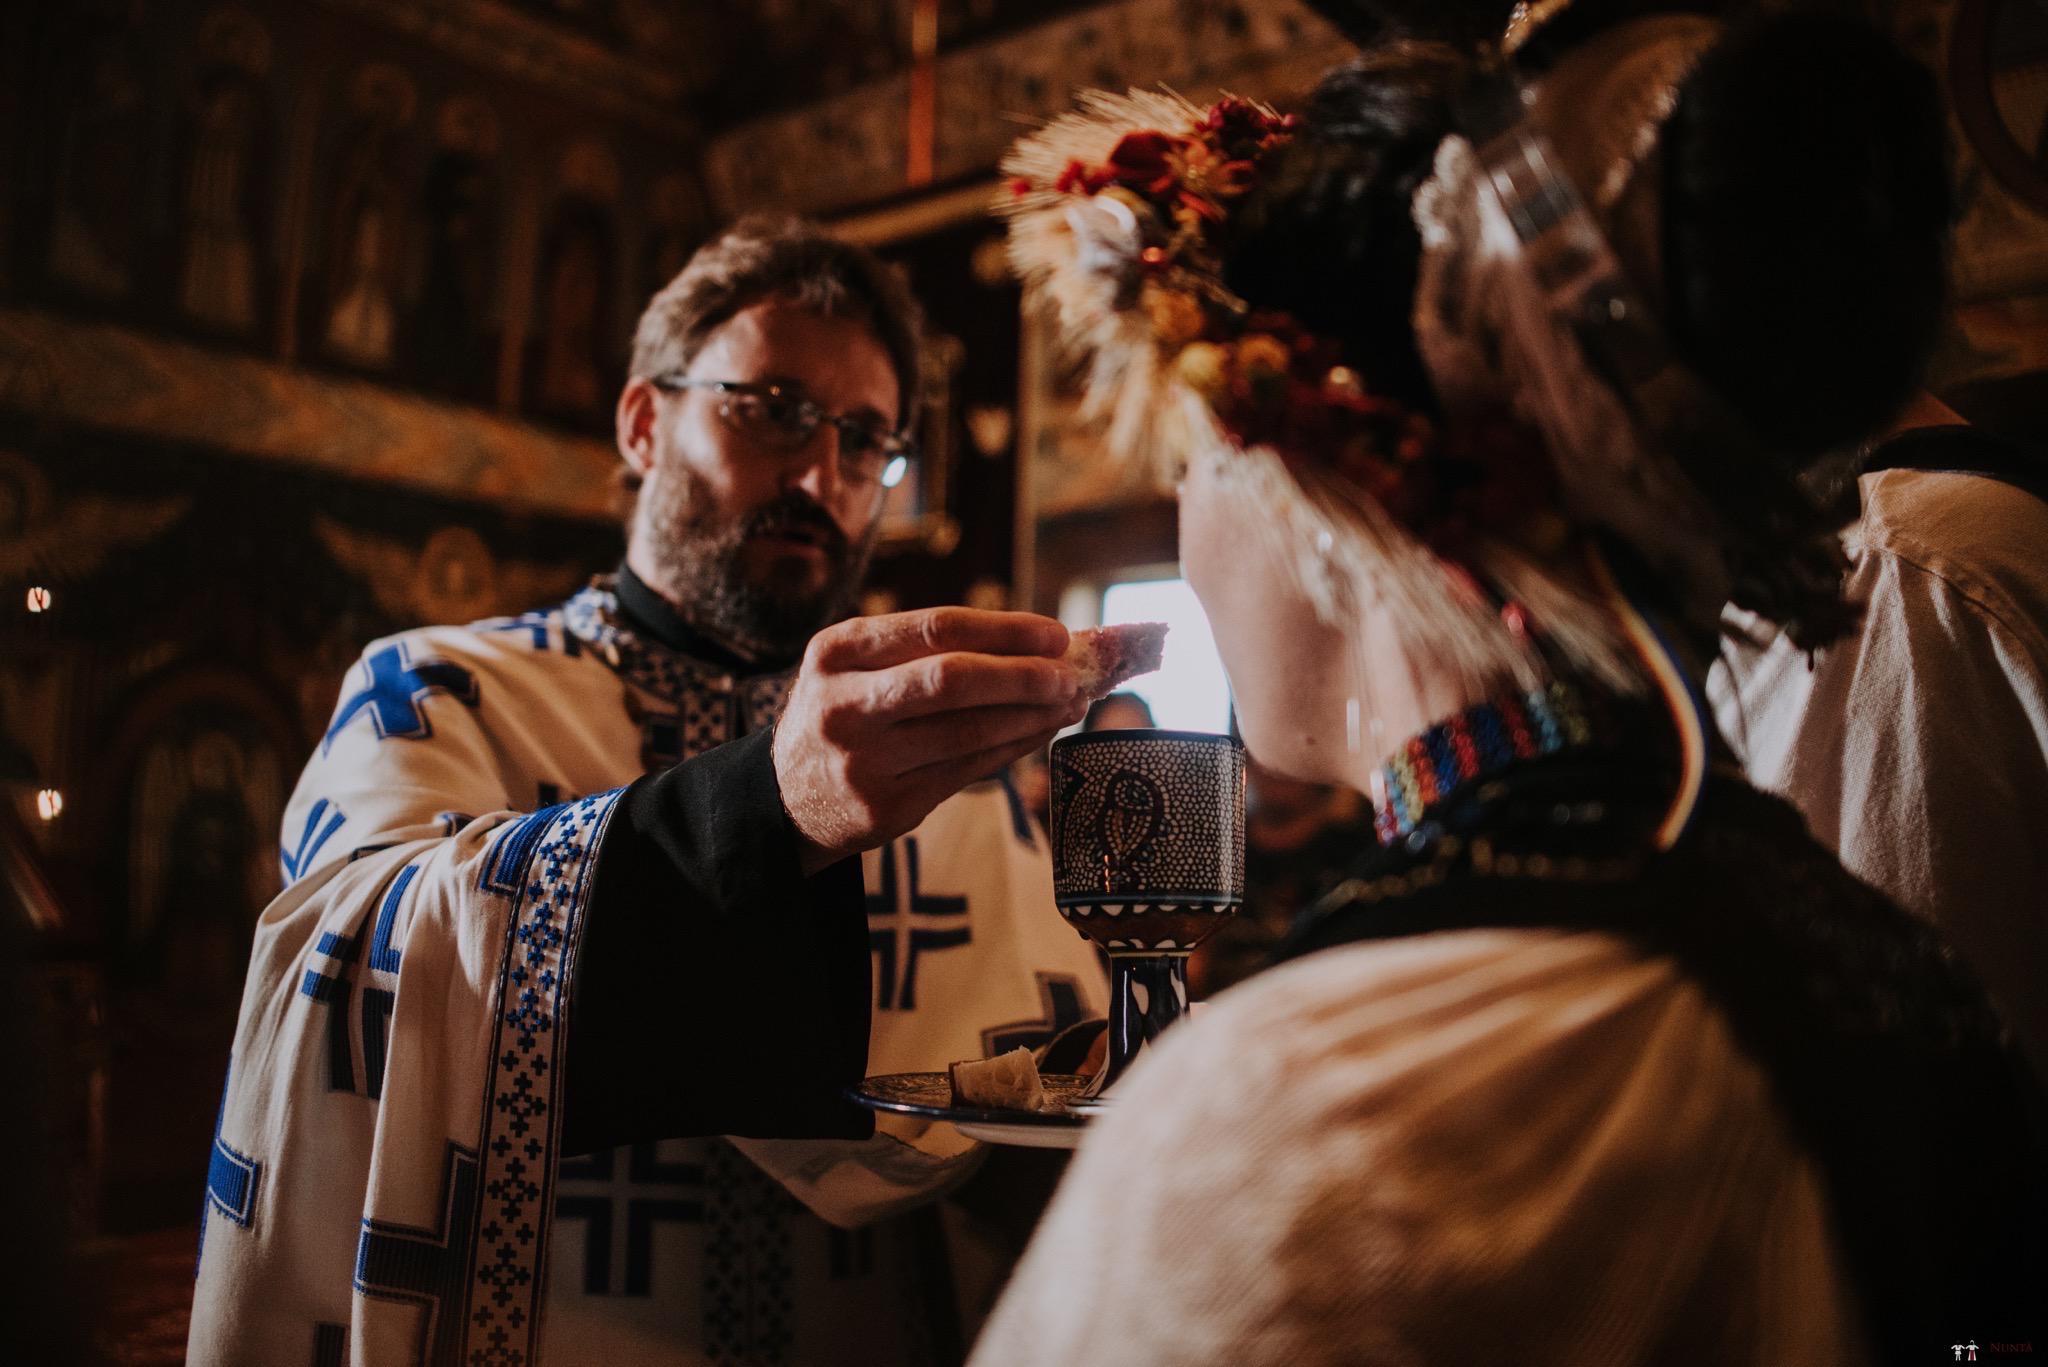 Povești Nunți Tradiționale - Silvia și Adrian. Nuntă tradițională în Ghighișeni, Bihor 52